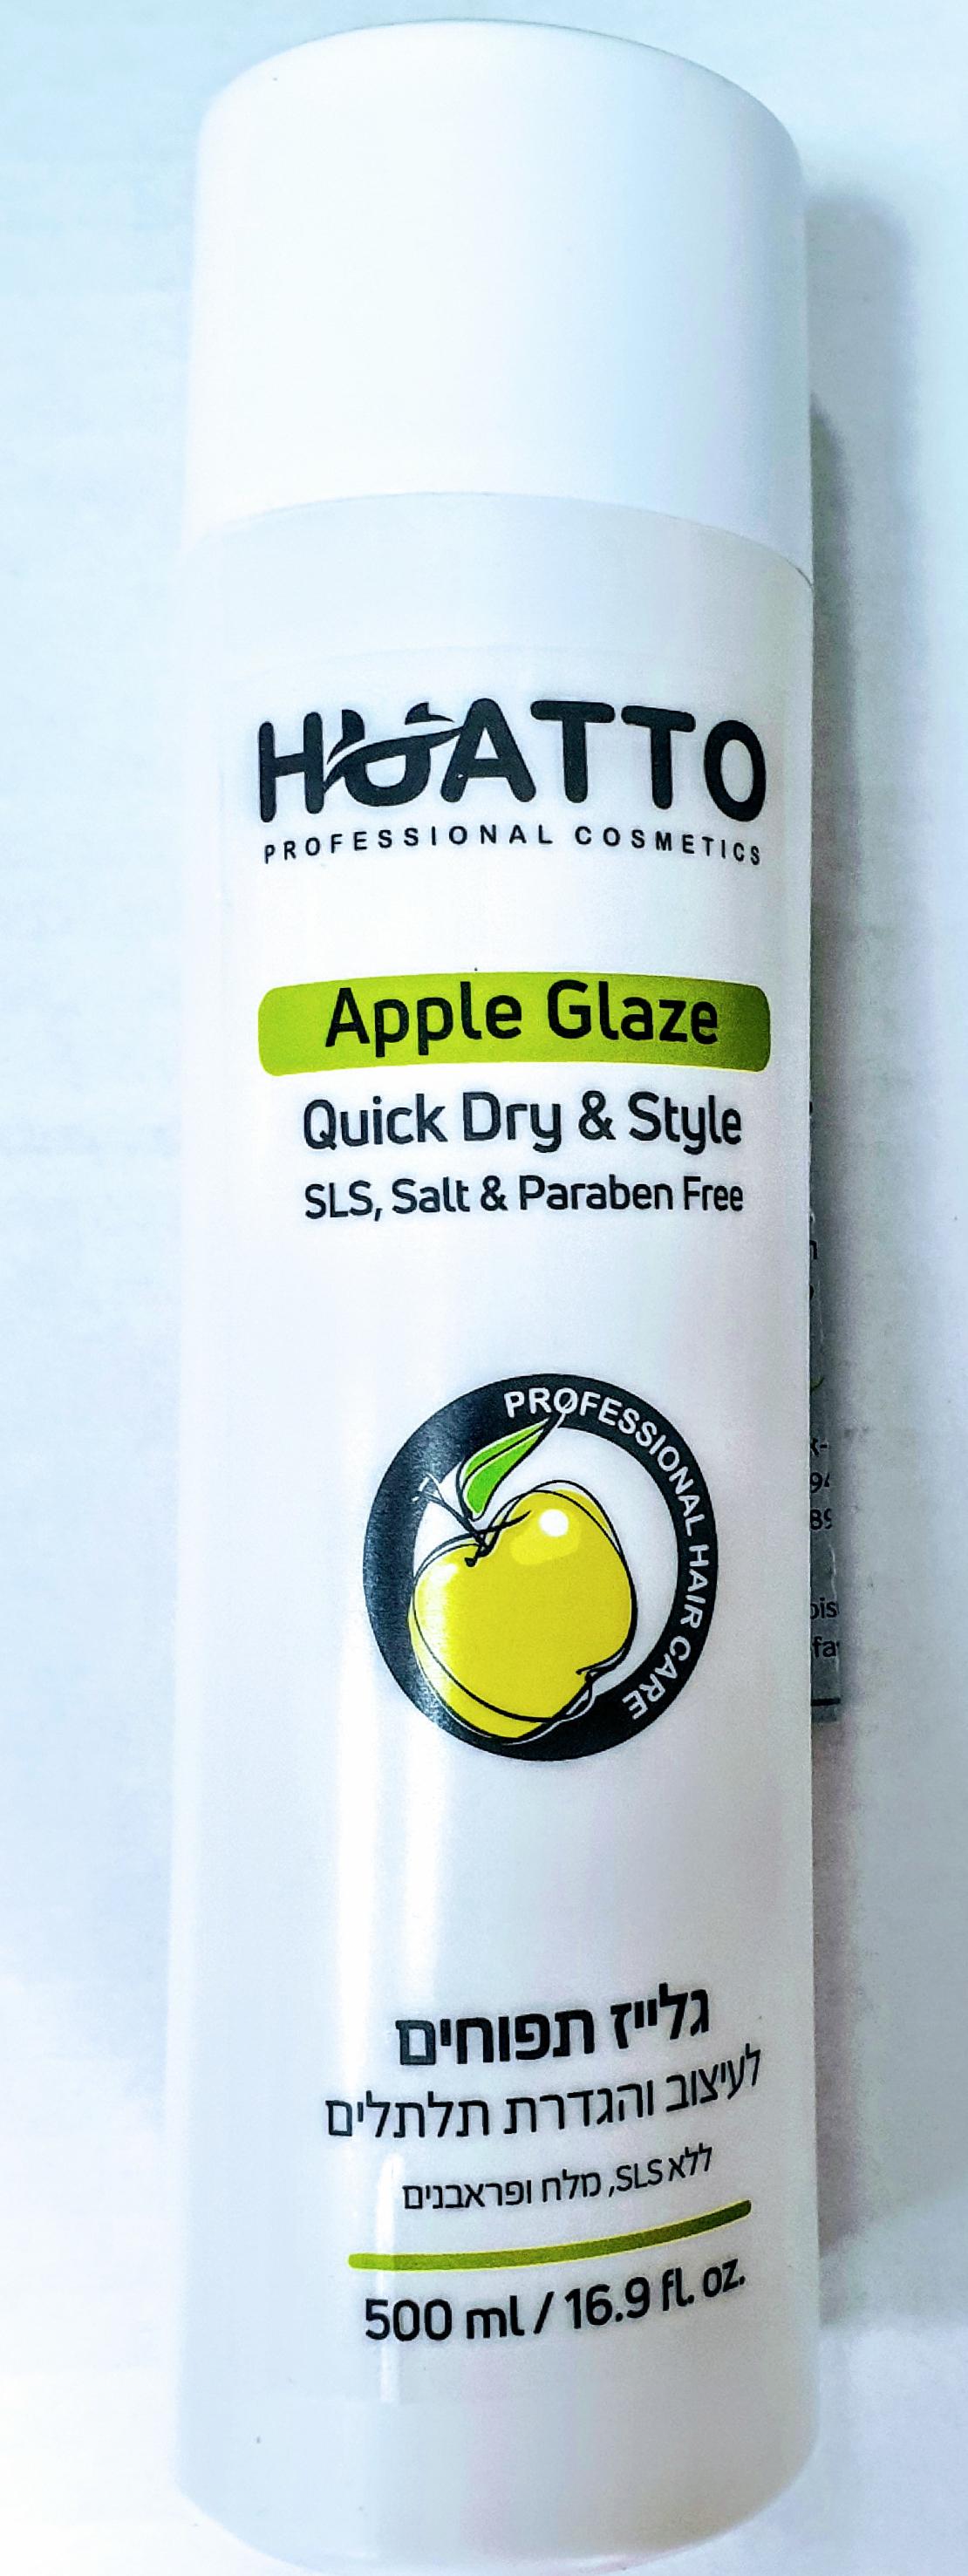 גלייז תפוחים לעיצוב והגדרת תלתלים